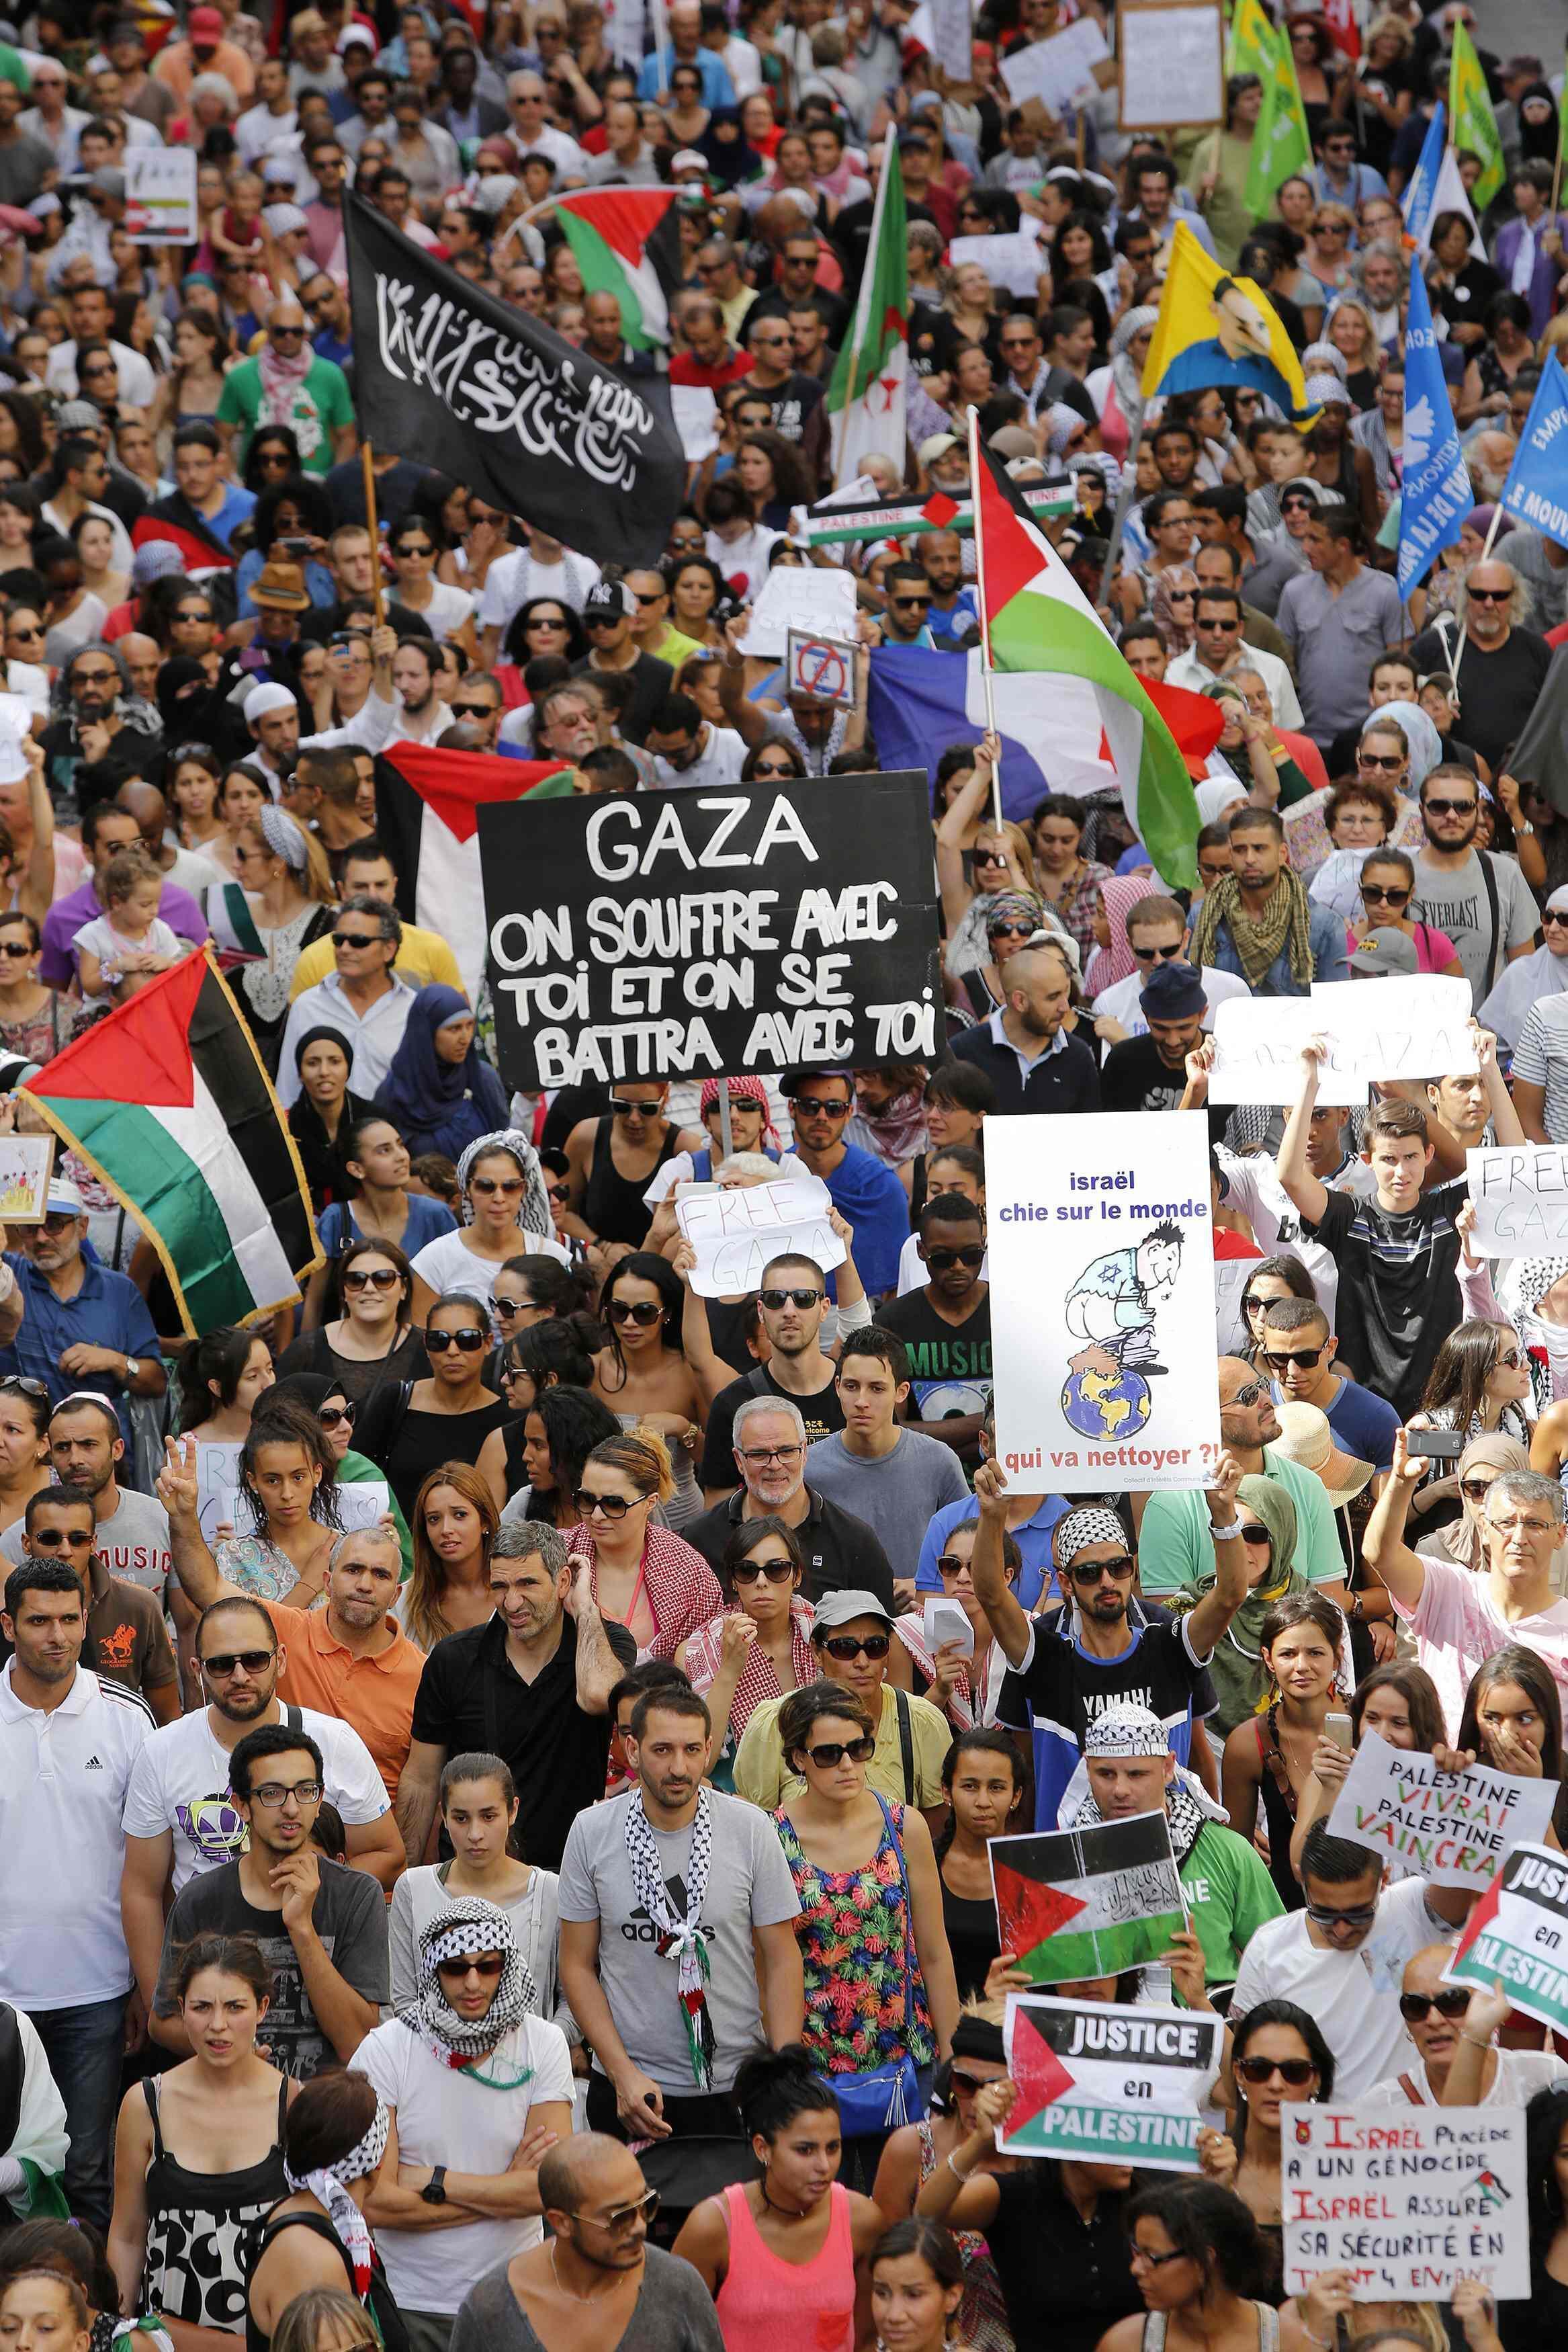 Várias manifestações a favor da população de Gaza e contra os bombardeios de Israel, nesta foto, na cidade de Marselha, sul da França. 19 de julho de 2014.